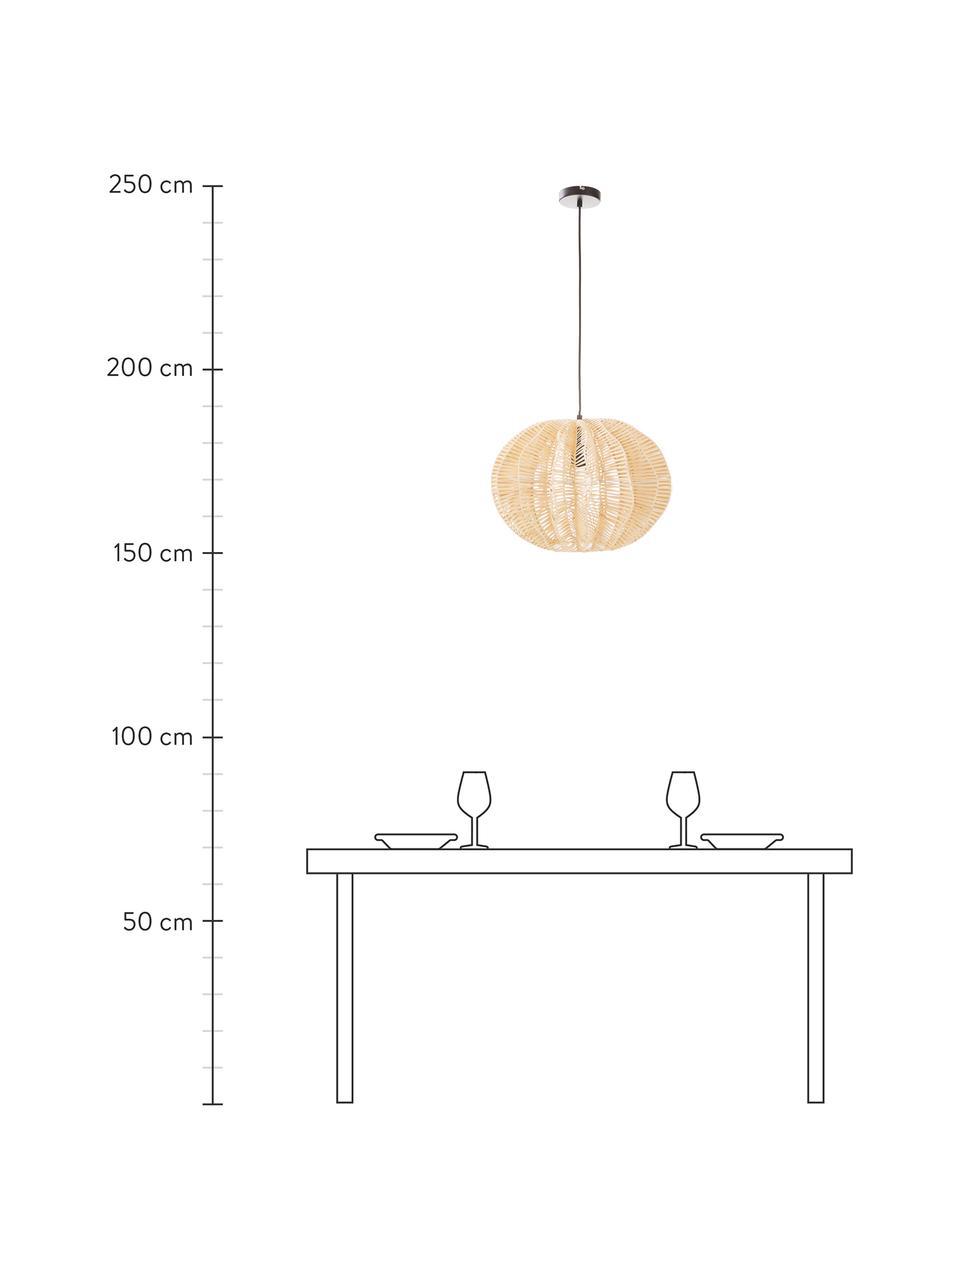 Pendelleuchte Ufe aus Rattan, Lampenschirm: Rattan, Baldachin: Metall, pulverbeschichtet, Beige, Ø 50 x H 38 cm